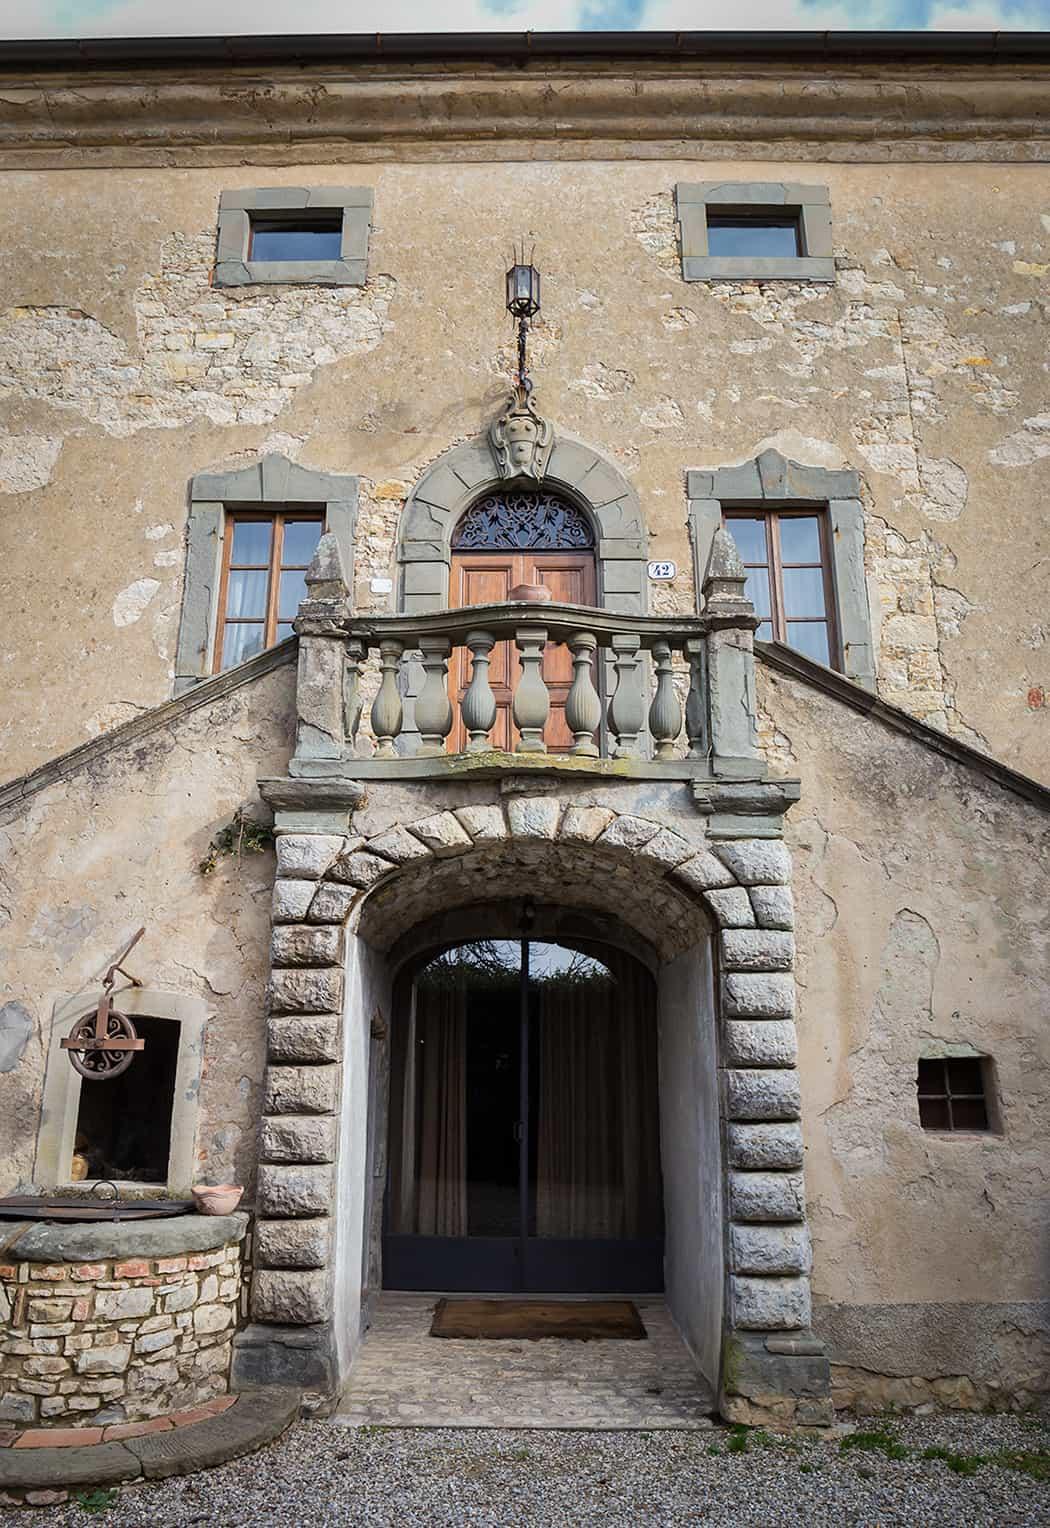 Castello di Ama in Chianti